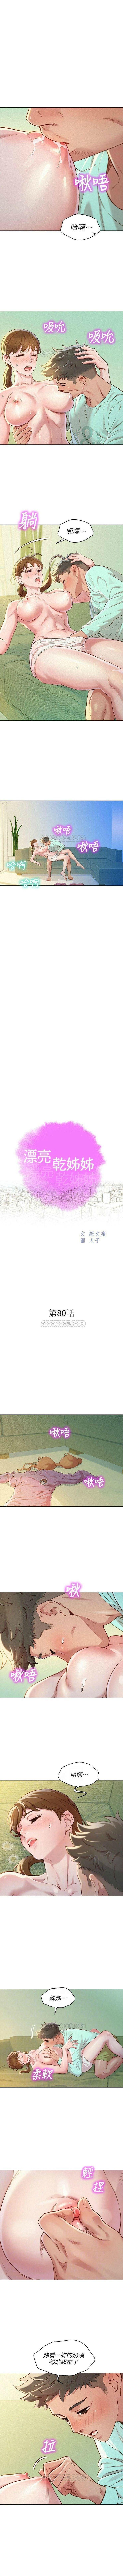 (周7)漂亮干姐姐  1-81 中文翻译 (更新中) 449